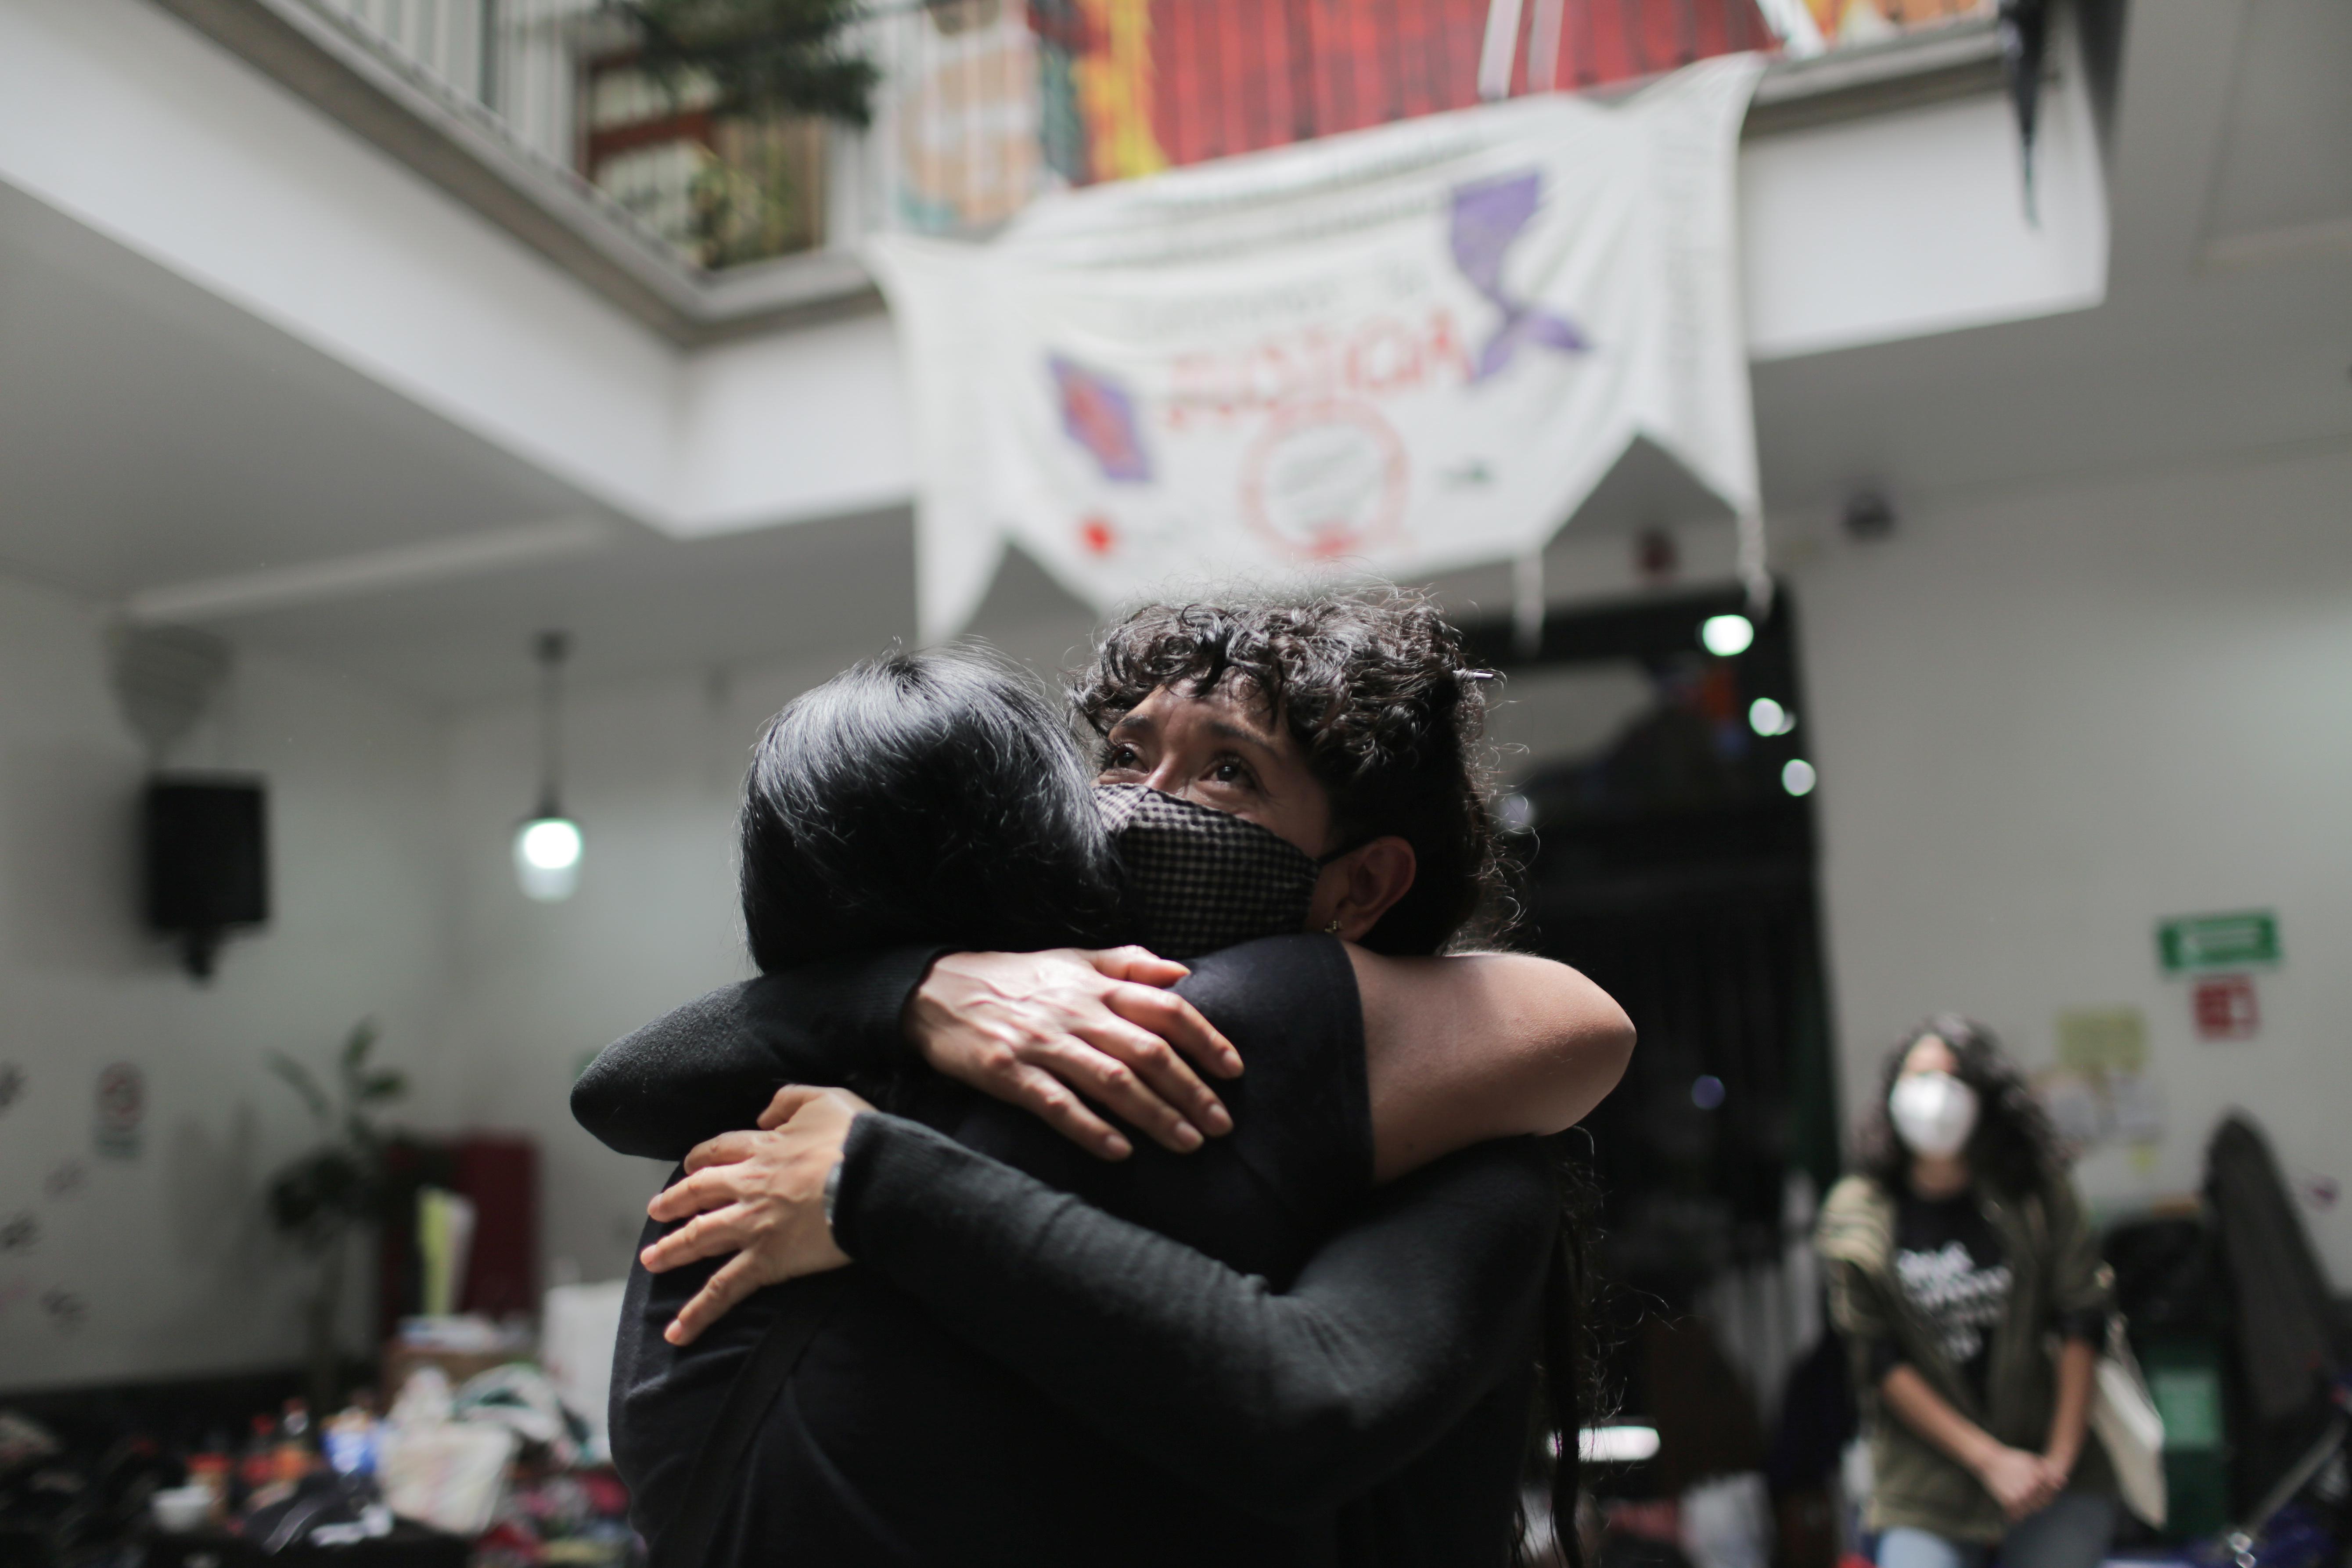 Erika Martinez y Araceli Osorio, madres de víctimas de violencia de género, se abrazan dentro de las instalaciones del edificio de la Comisión Nacional de Derechos Humanos, en apoyo a las víctimas de violencia de género, en la Ciudad de México, México, 10 de septiembre de 2020. Fotografía tomada el 10 de septiembre de 2020.